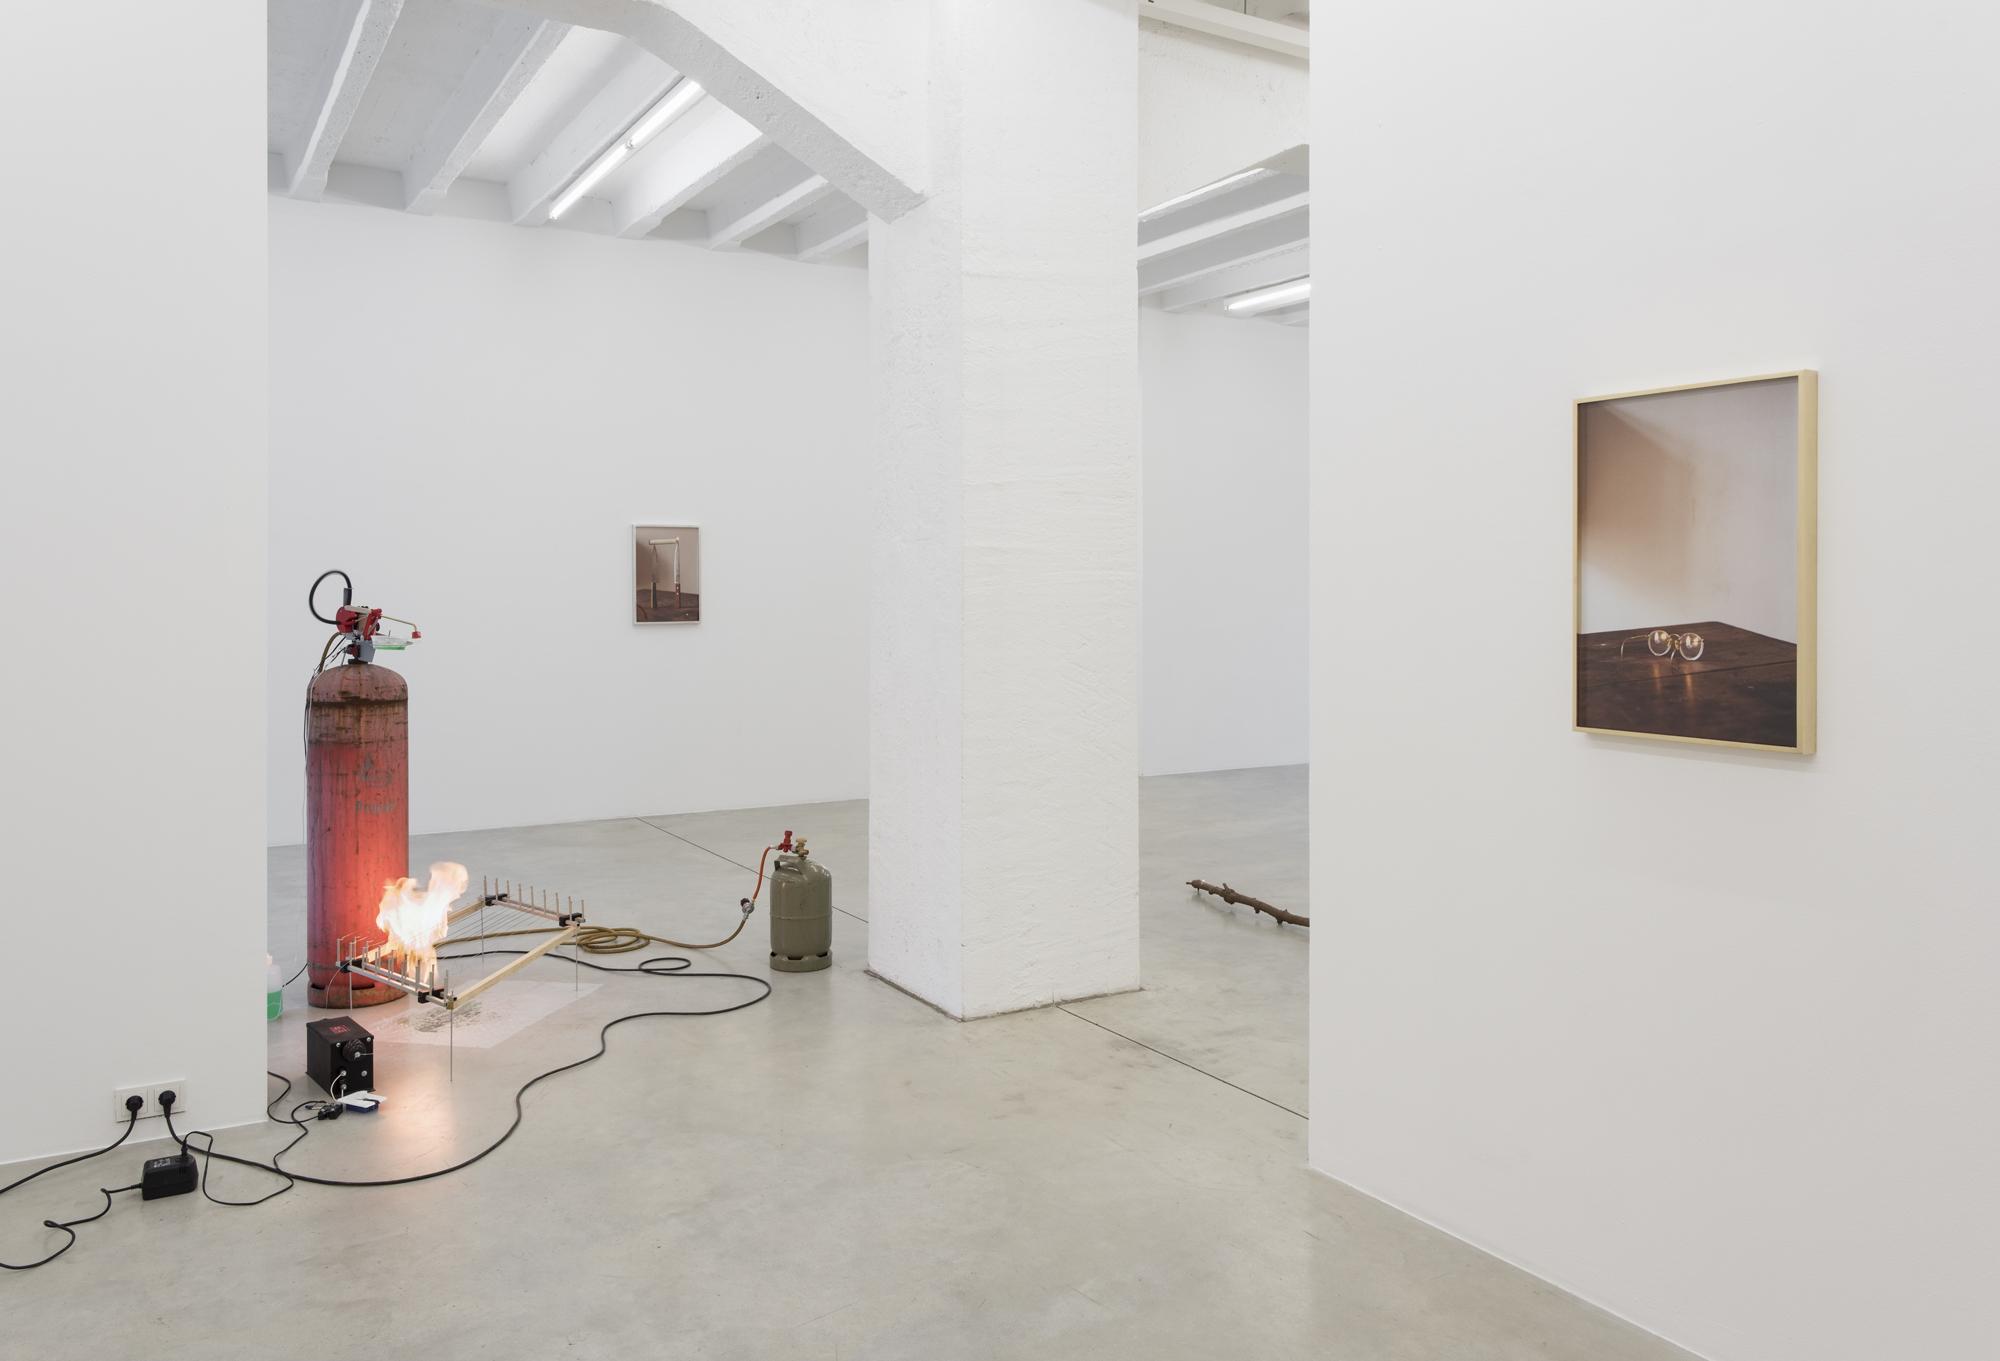 Ariel Schlesinger, Elvira, exhibition view, Galerija Gregor Podnar, Berlin 2017. Photo: Marcus Schneider